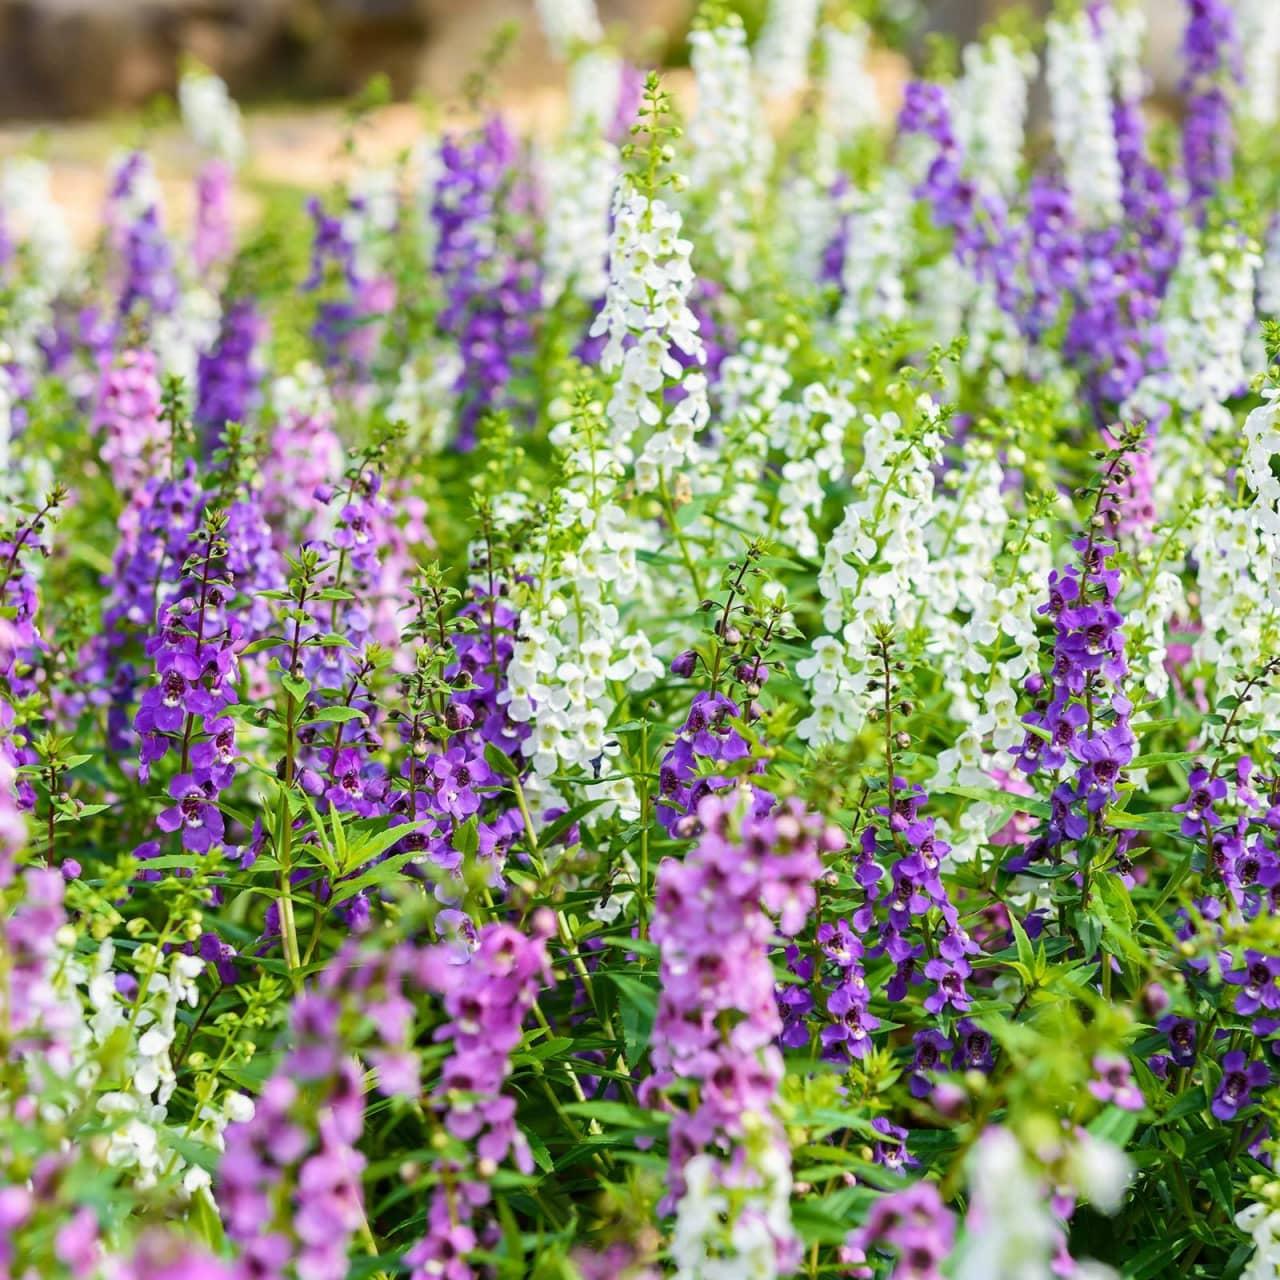 Mùa hè thì nên trồng hoa gì cho hợp lý? - Ảnh 5.